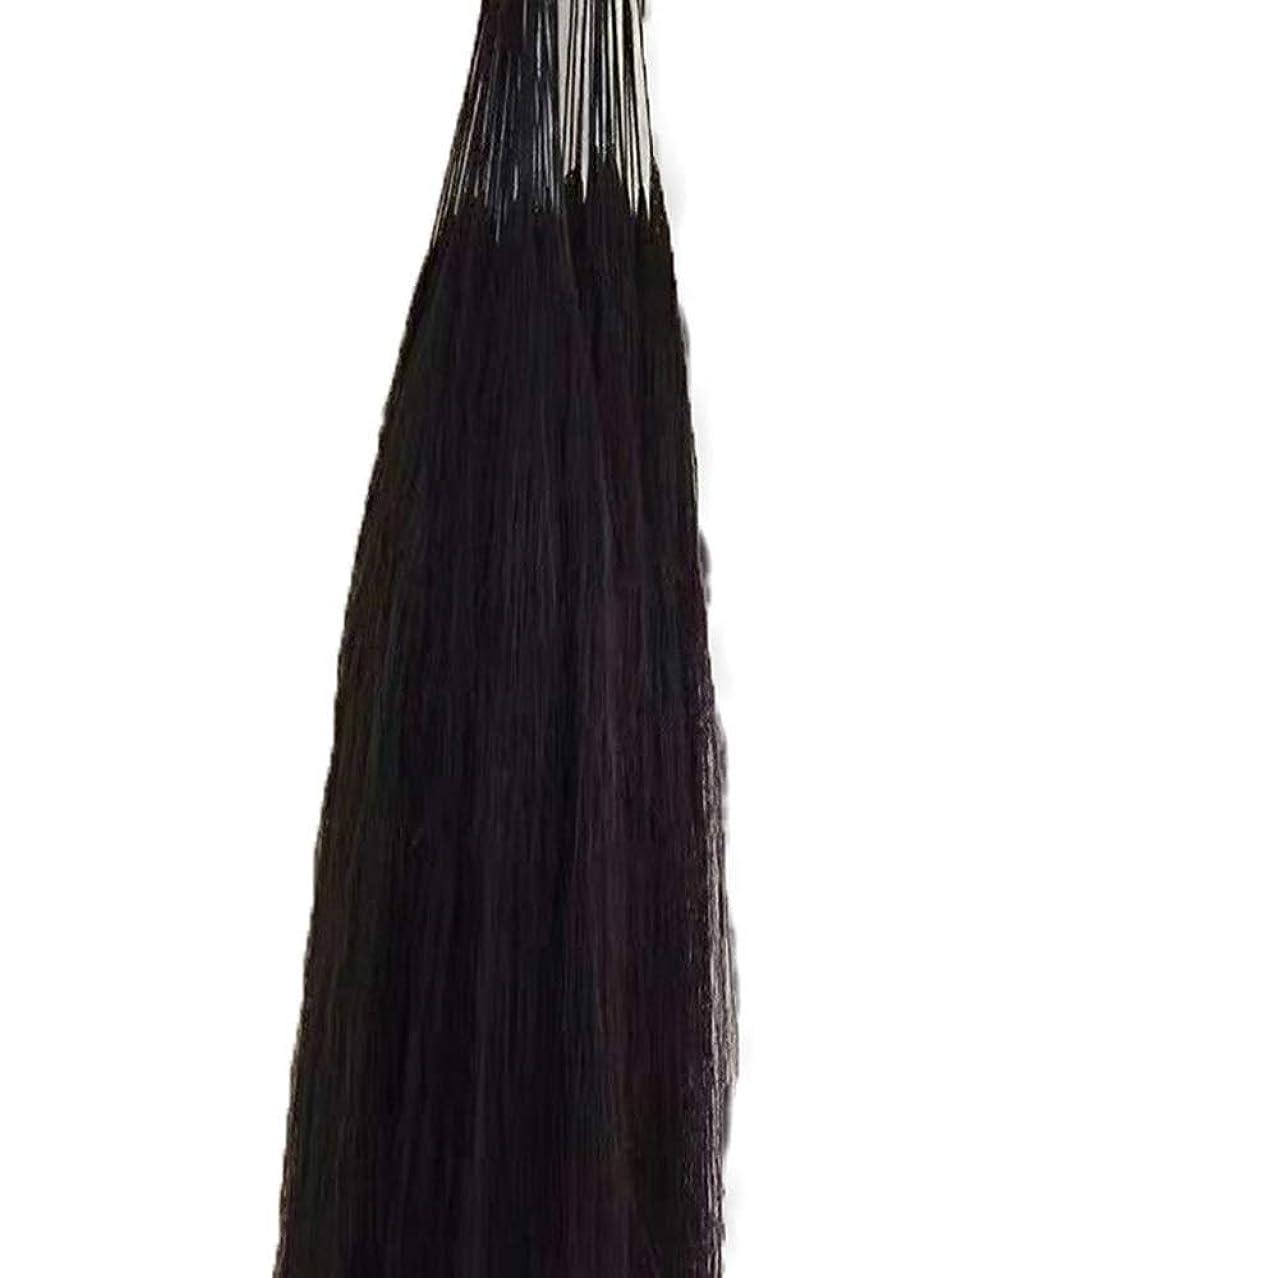 電圧まで予知JULYTER 羽毛エクステンション人間の毛先のヒントフュージョンアンボー手編み未縫合ヘアーエクステンション (色 : 黒, サイズ : 60cm)